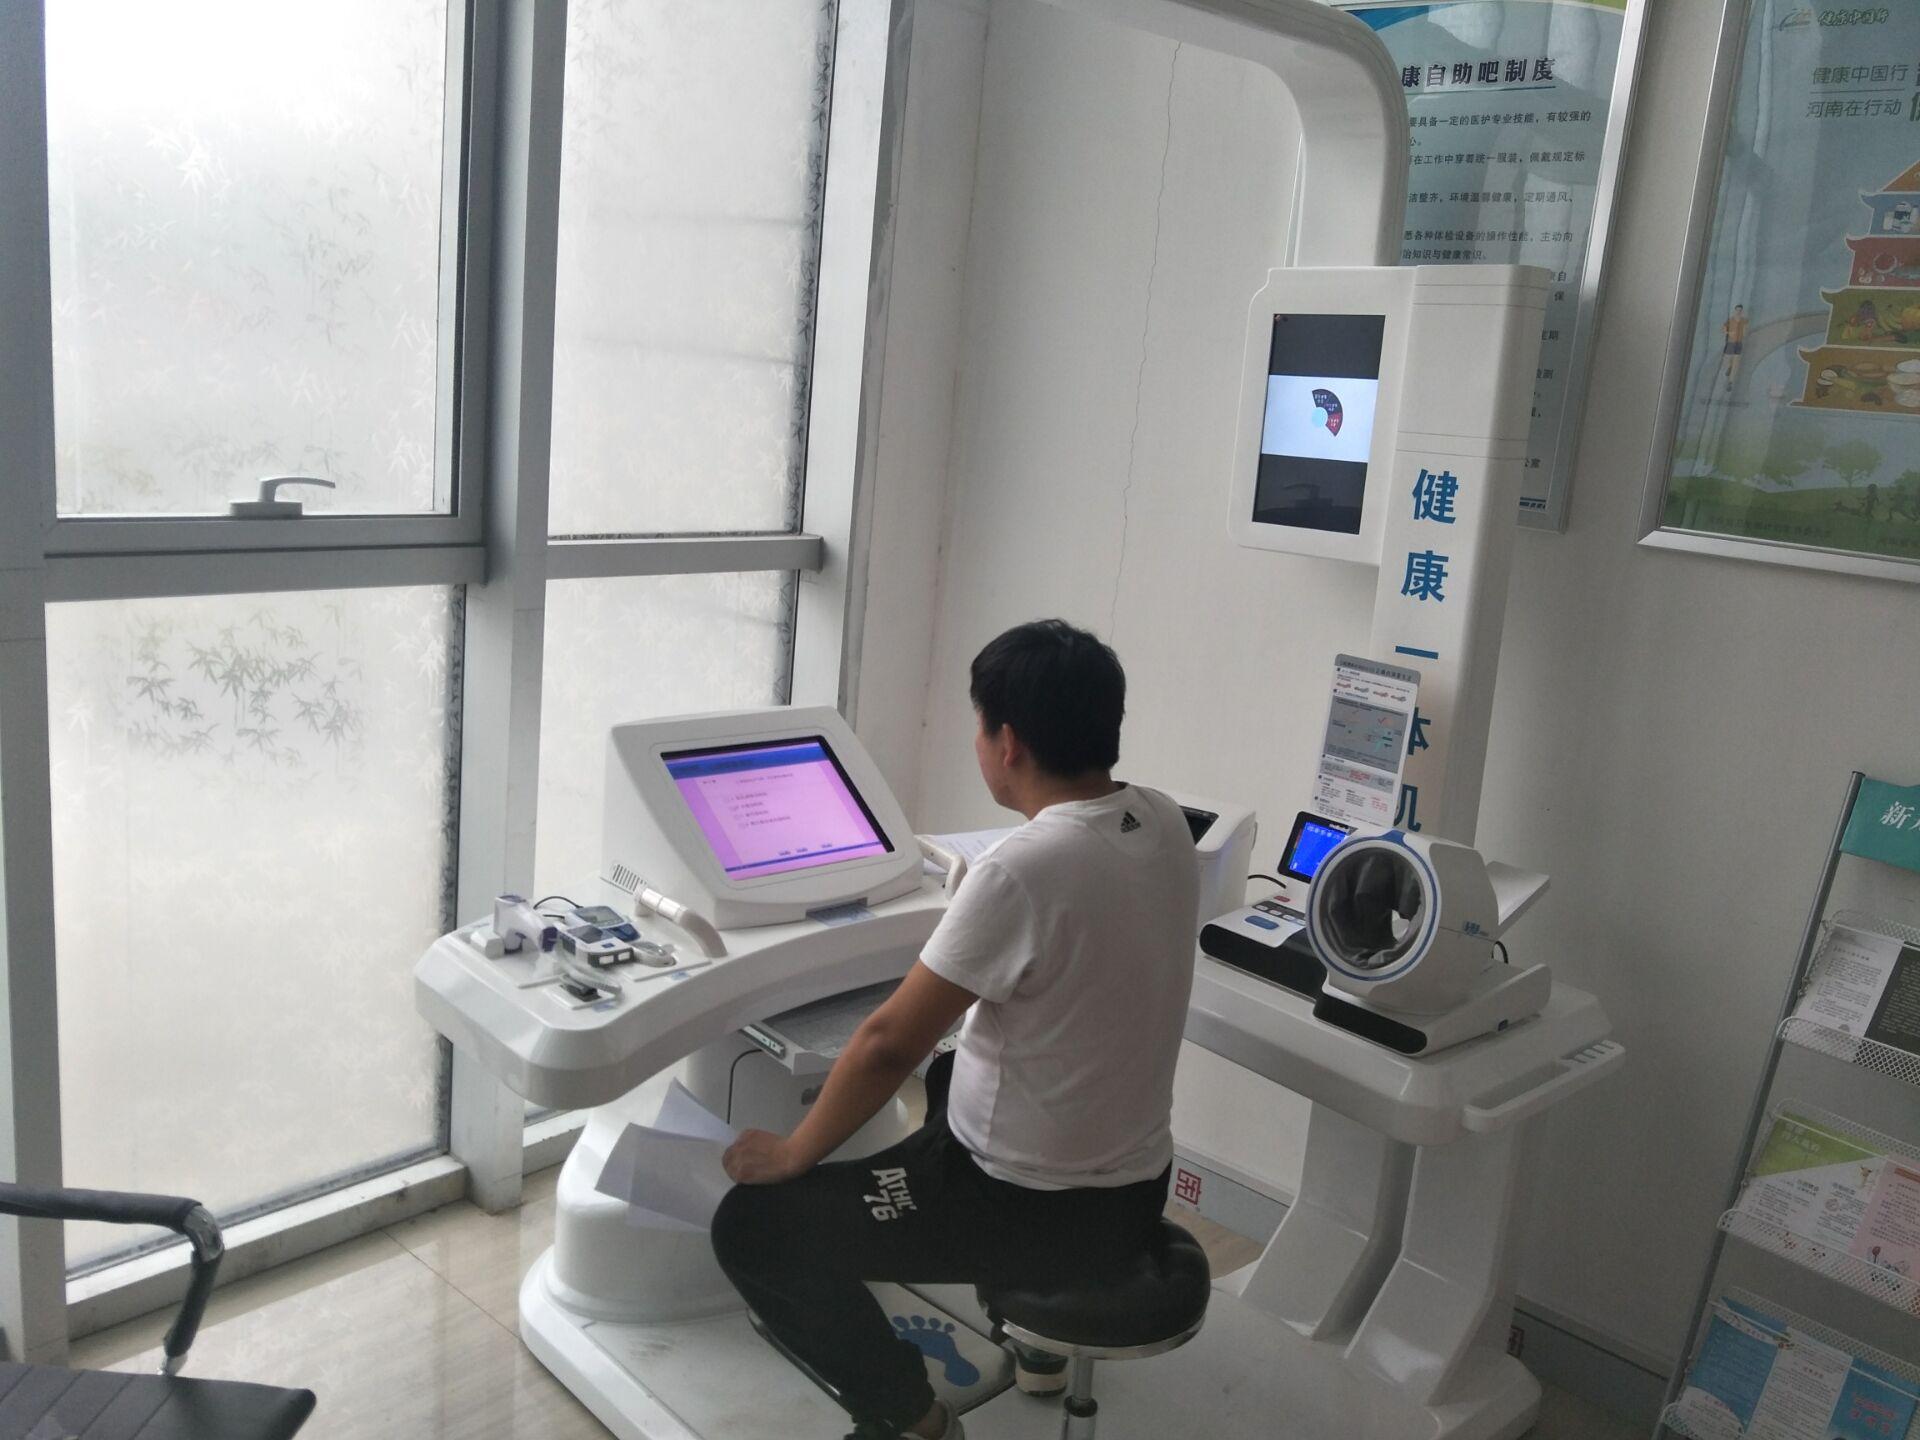 郑州新郑行政审批中心健康一体机安装成功